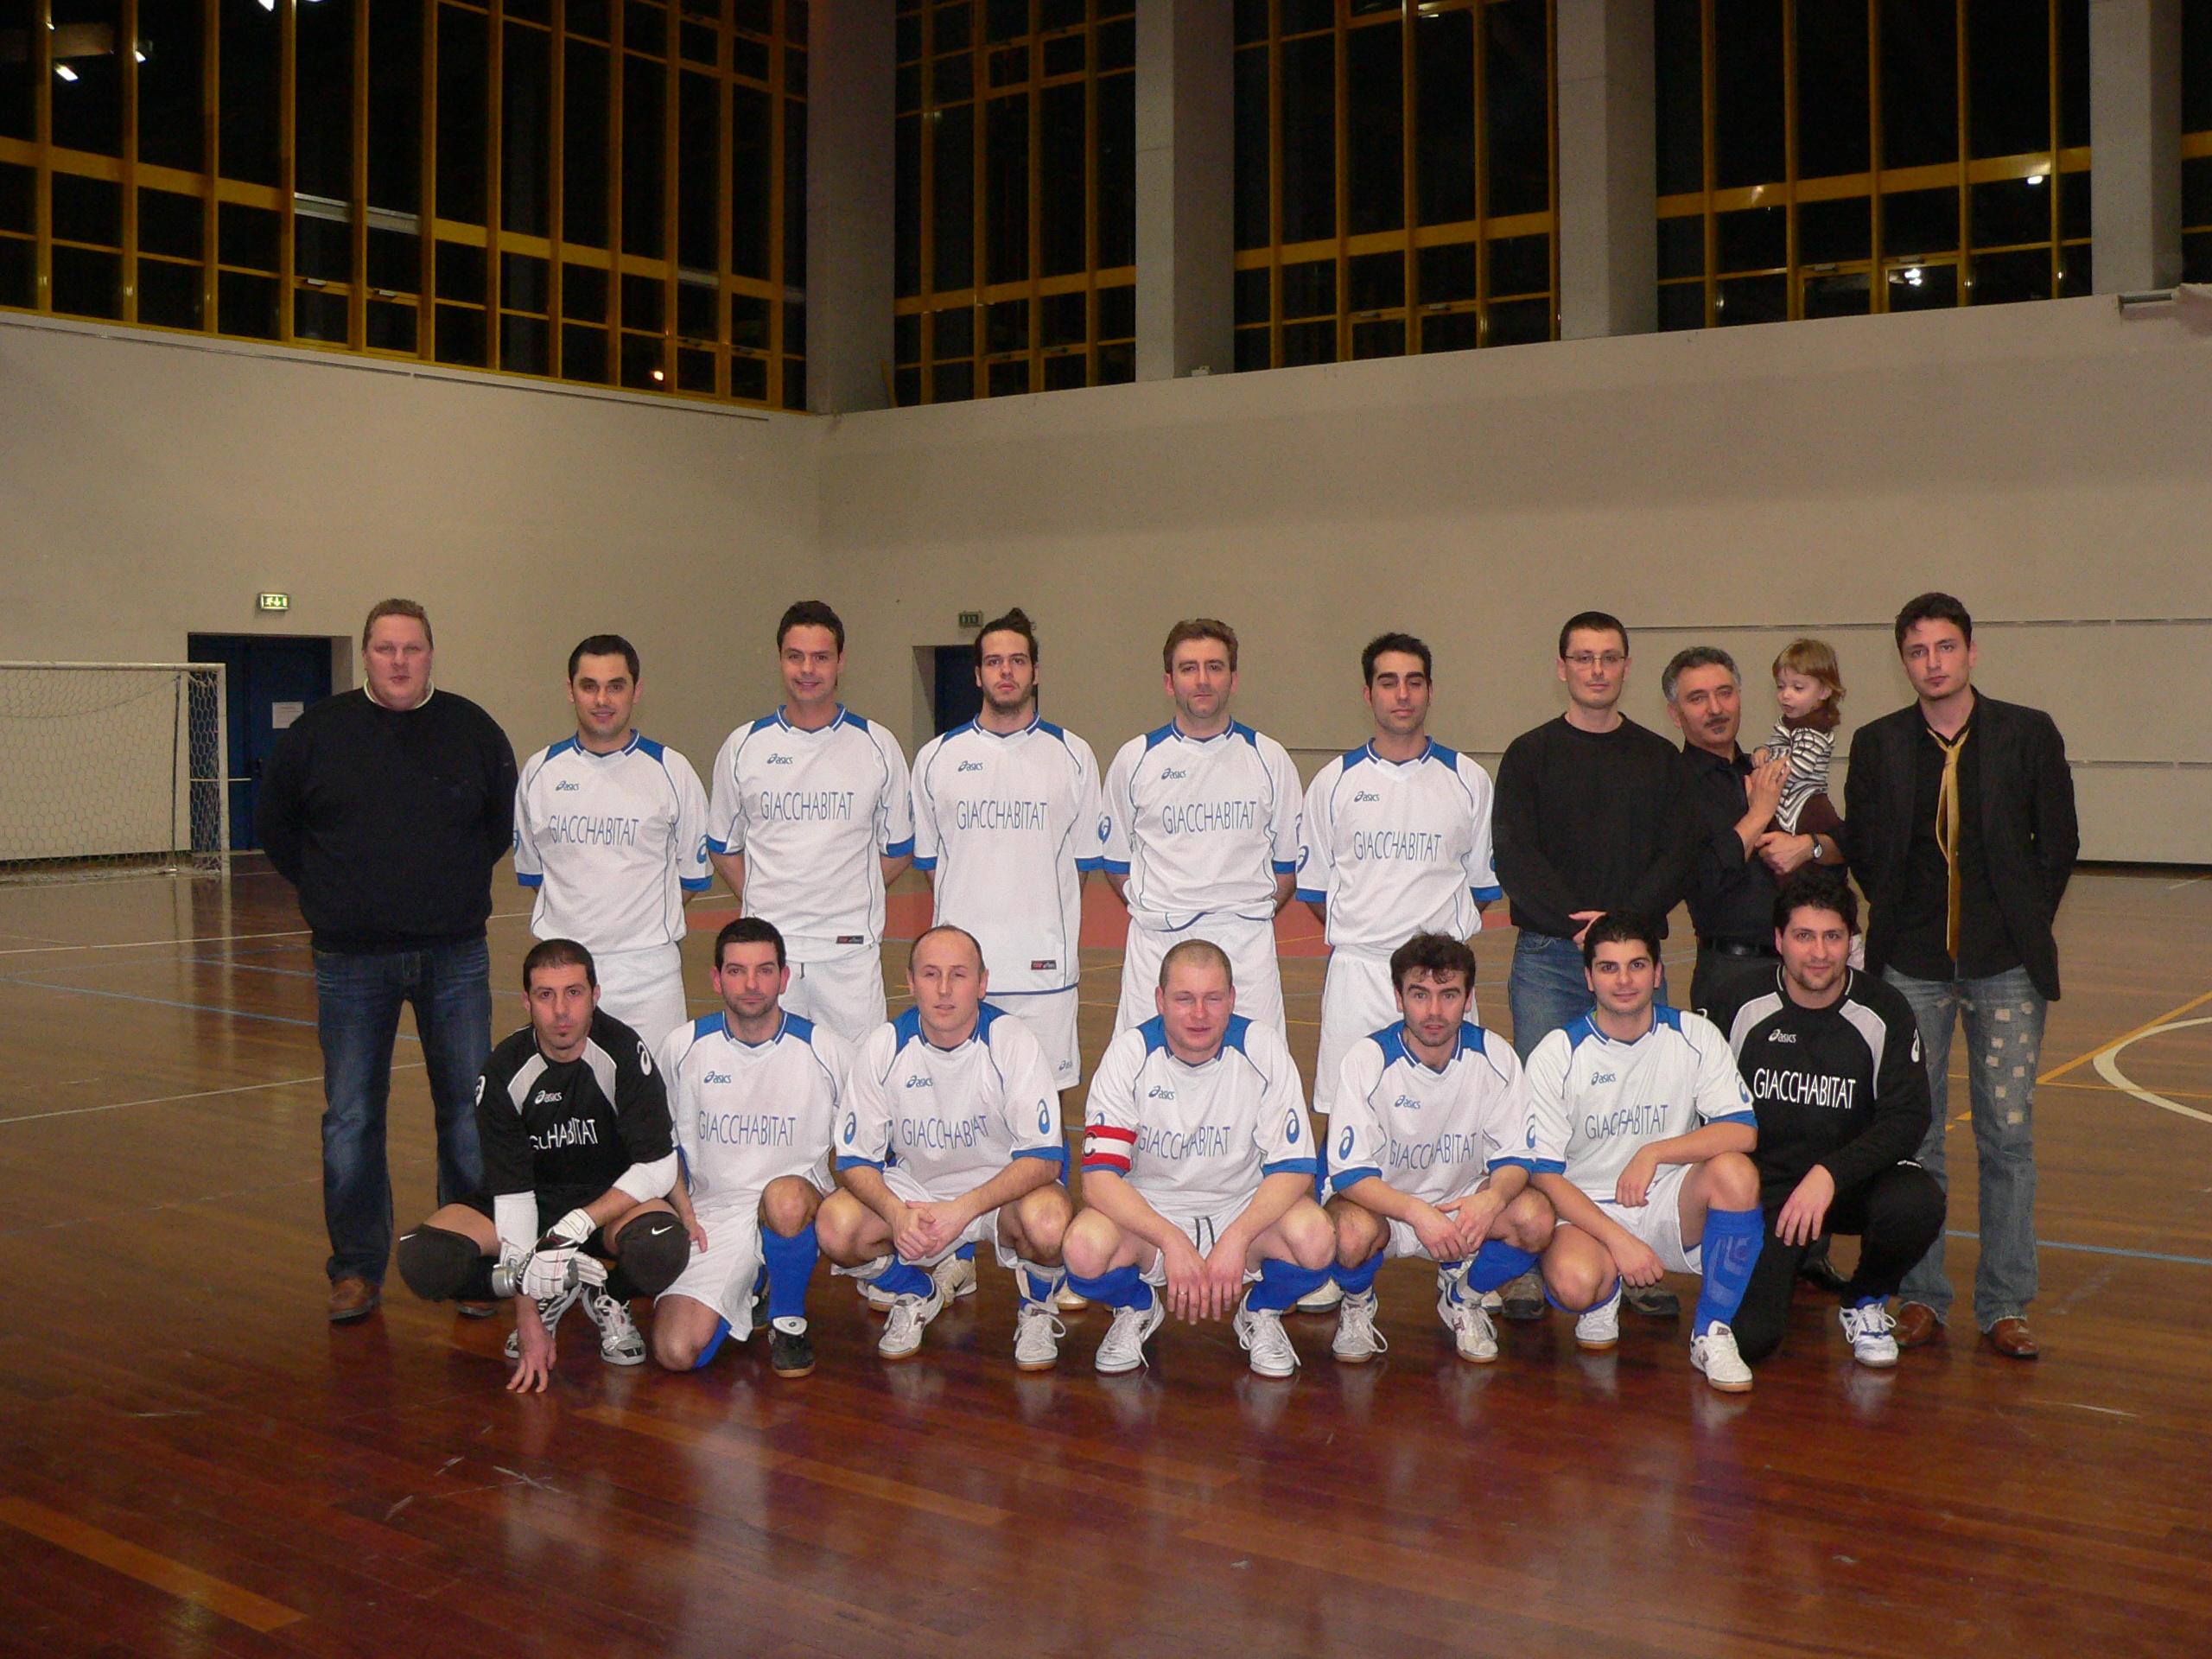 Campionato 2007/2008